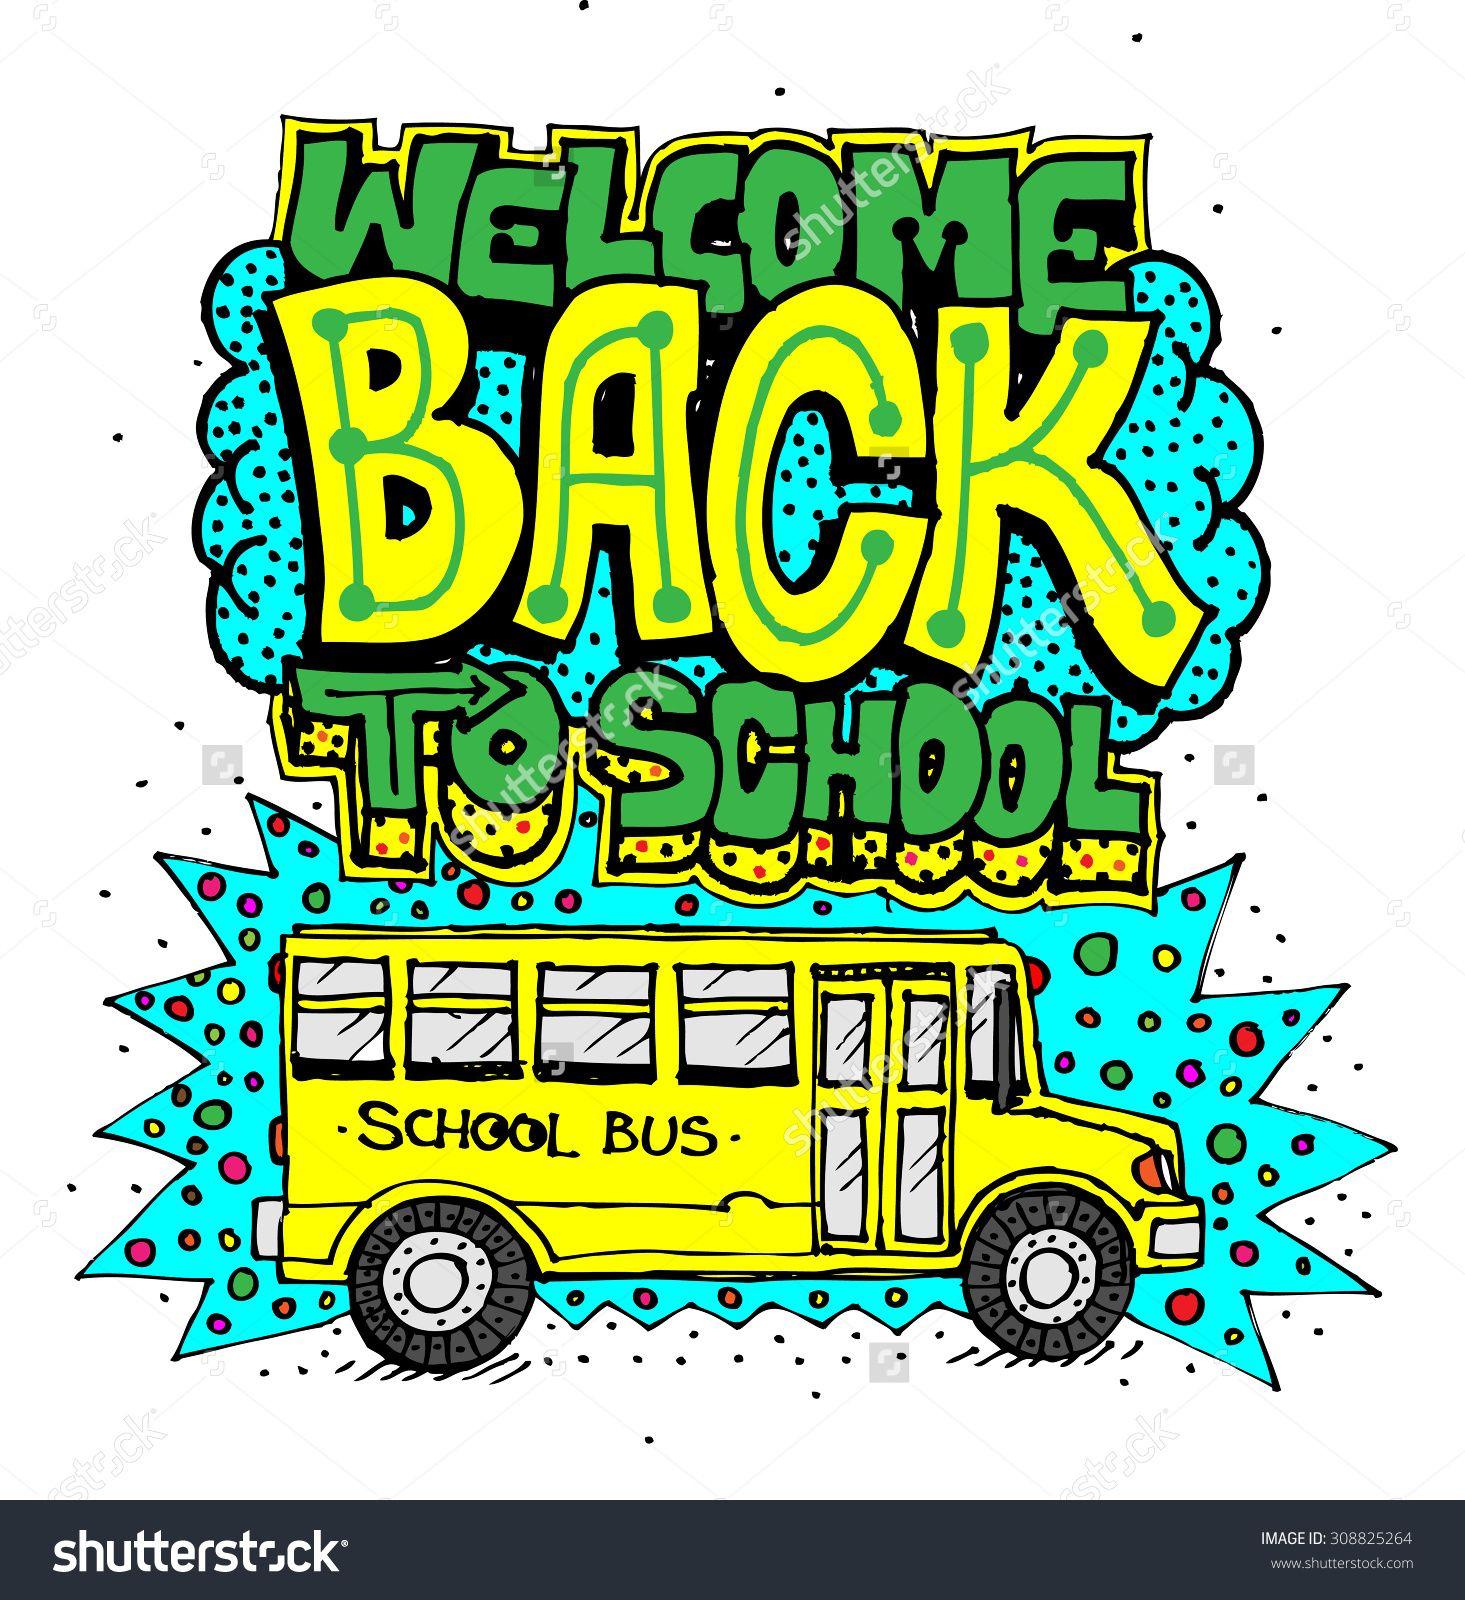 bus chalkboard sketch - Google Search